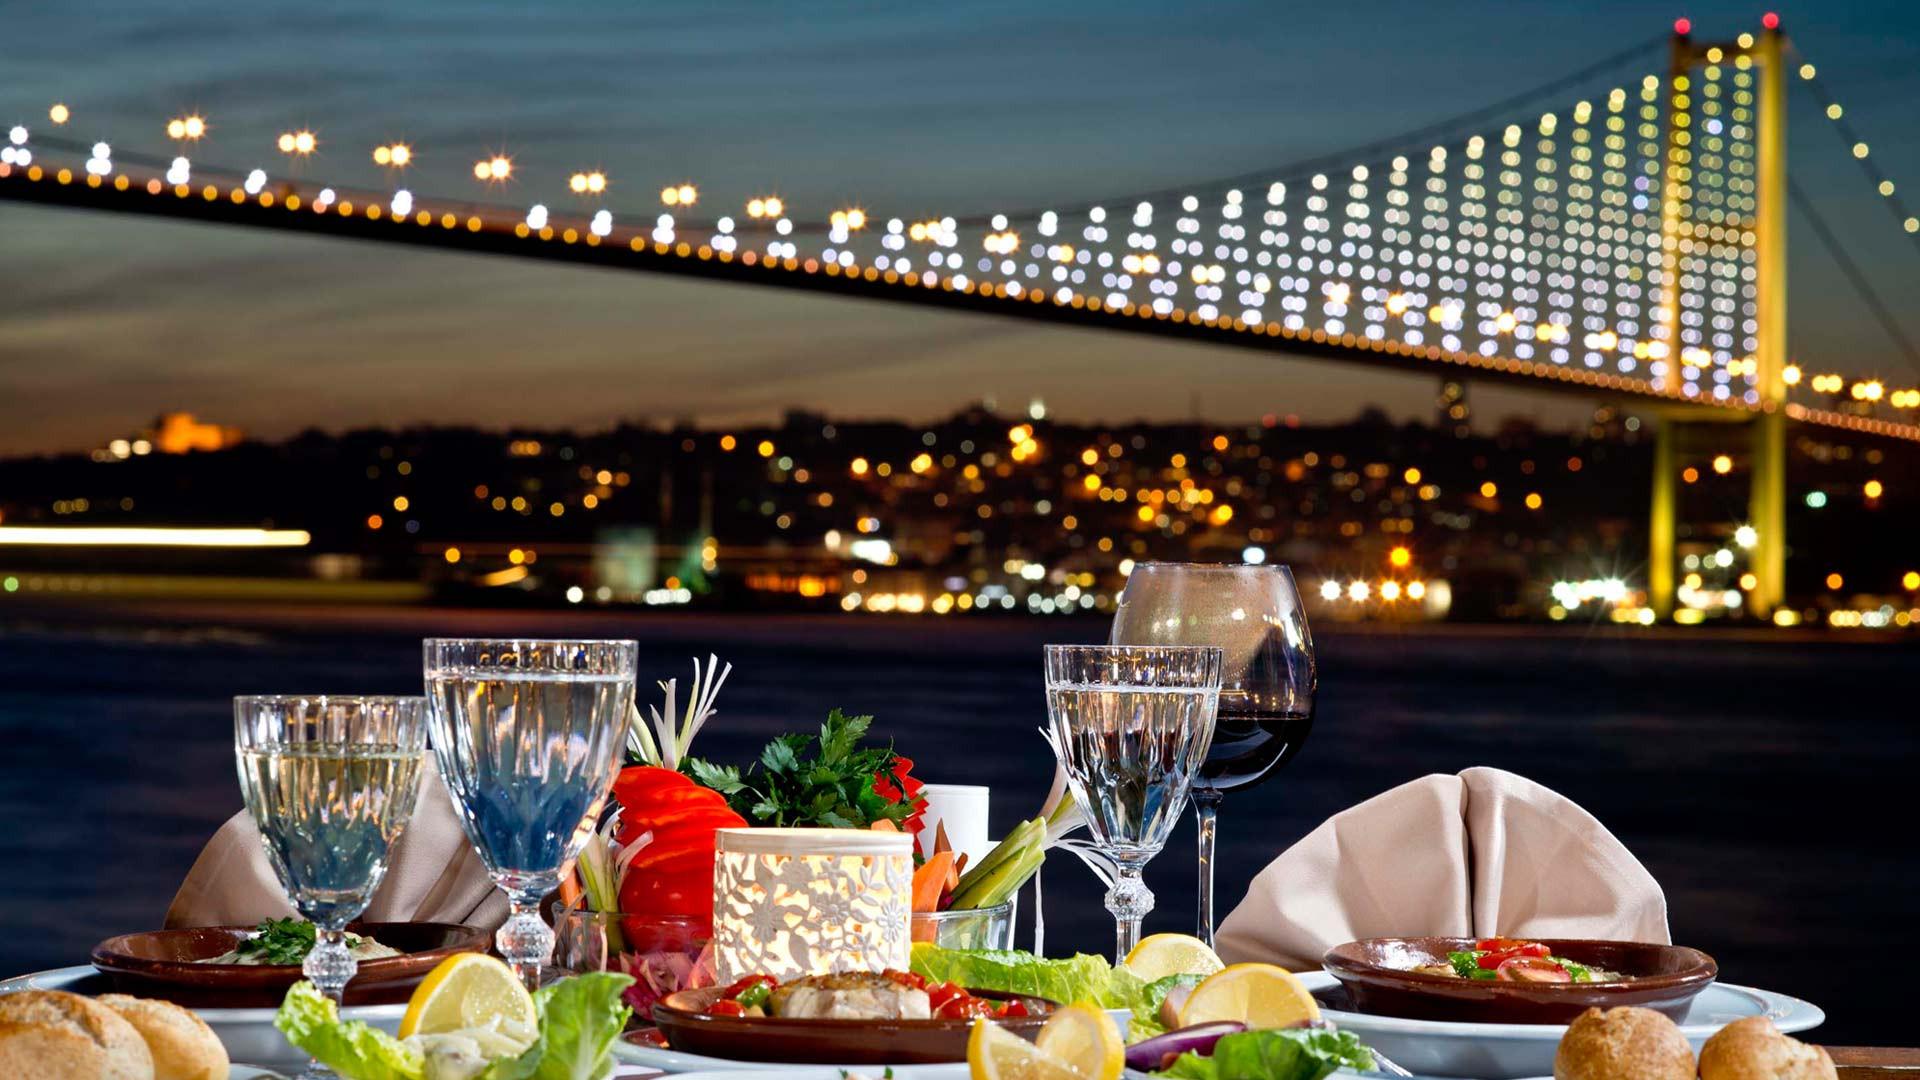 Istanbul - Sapanca - Bursa – Sile